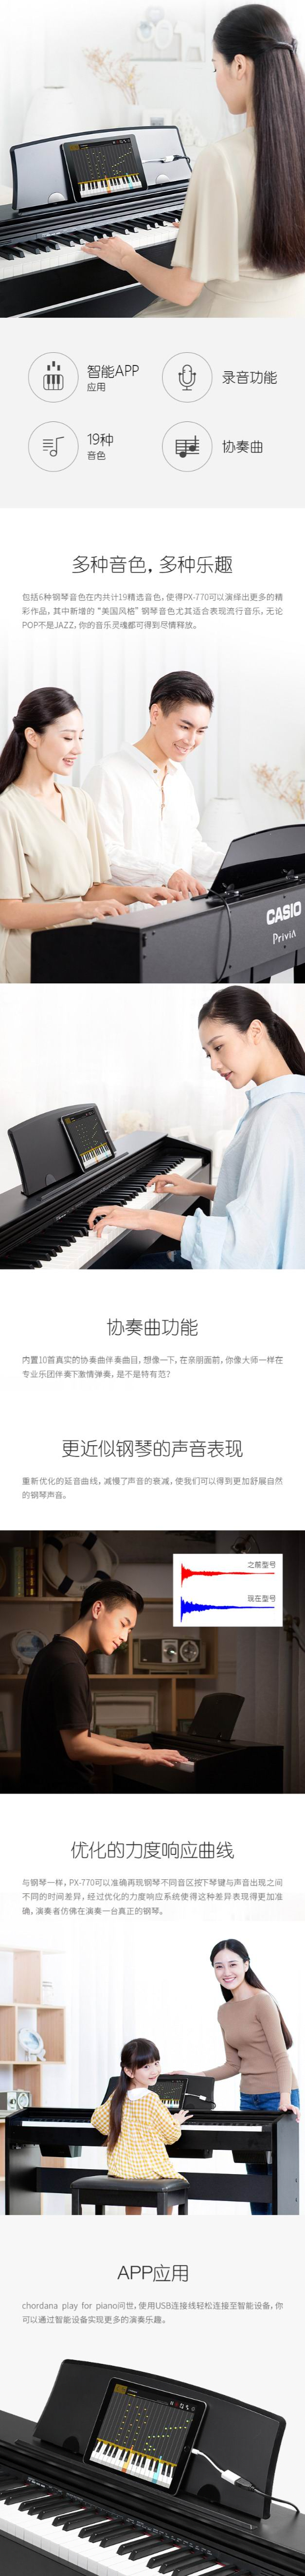 历史新低!Casio 卡西欧 PX770 BK Privia 88键重锤 专业智能电钢琴4.8折 699.99加元包邮!